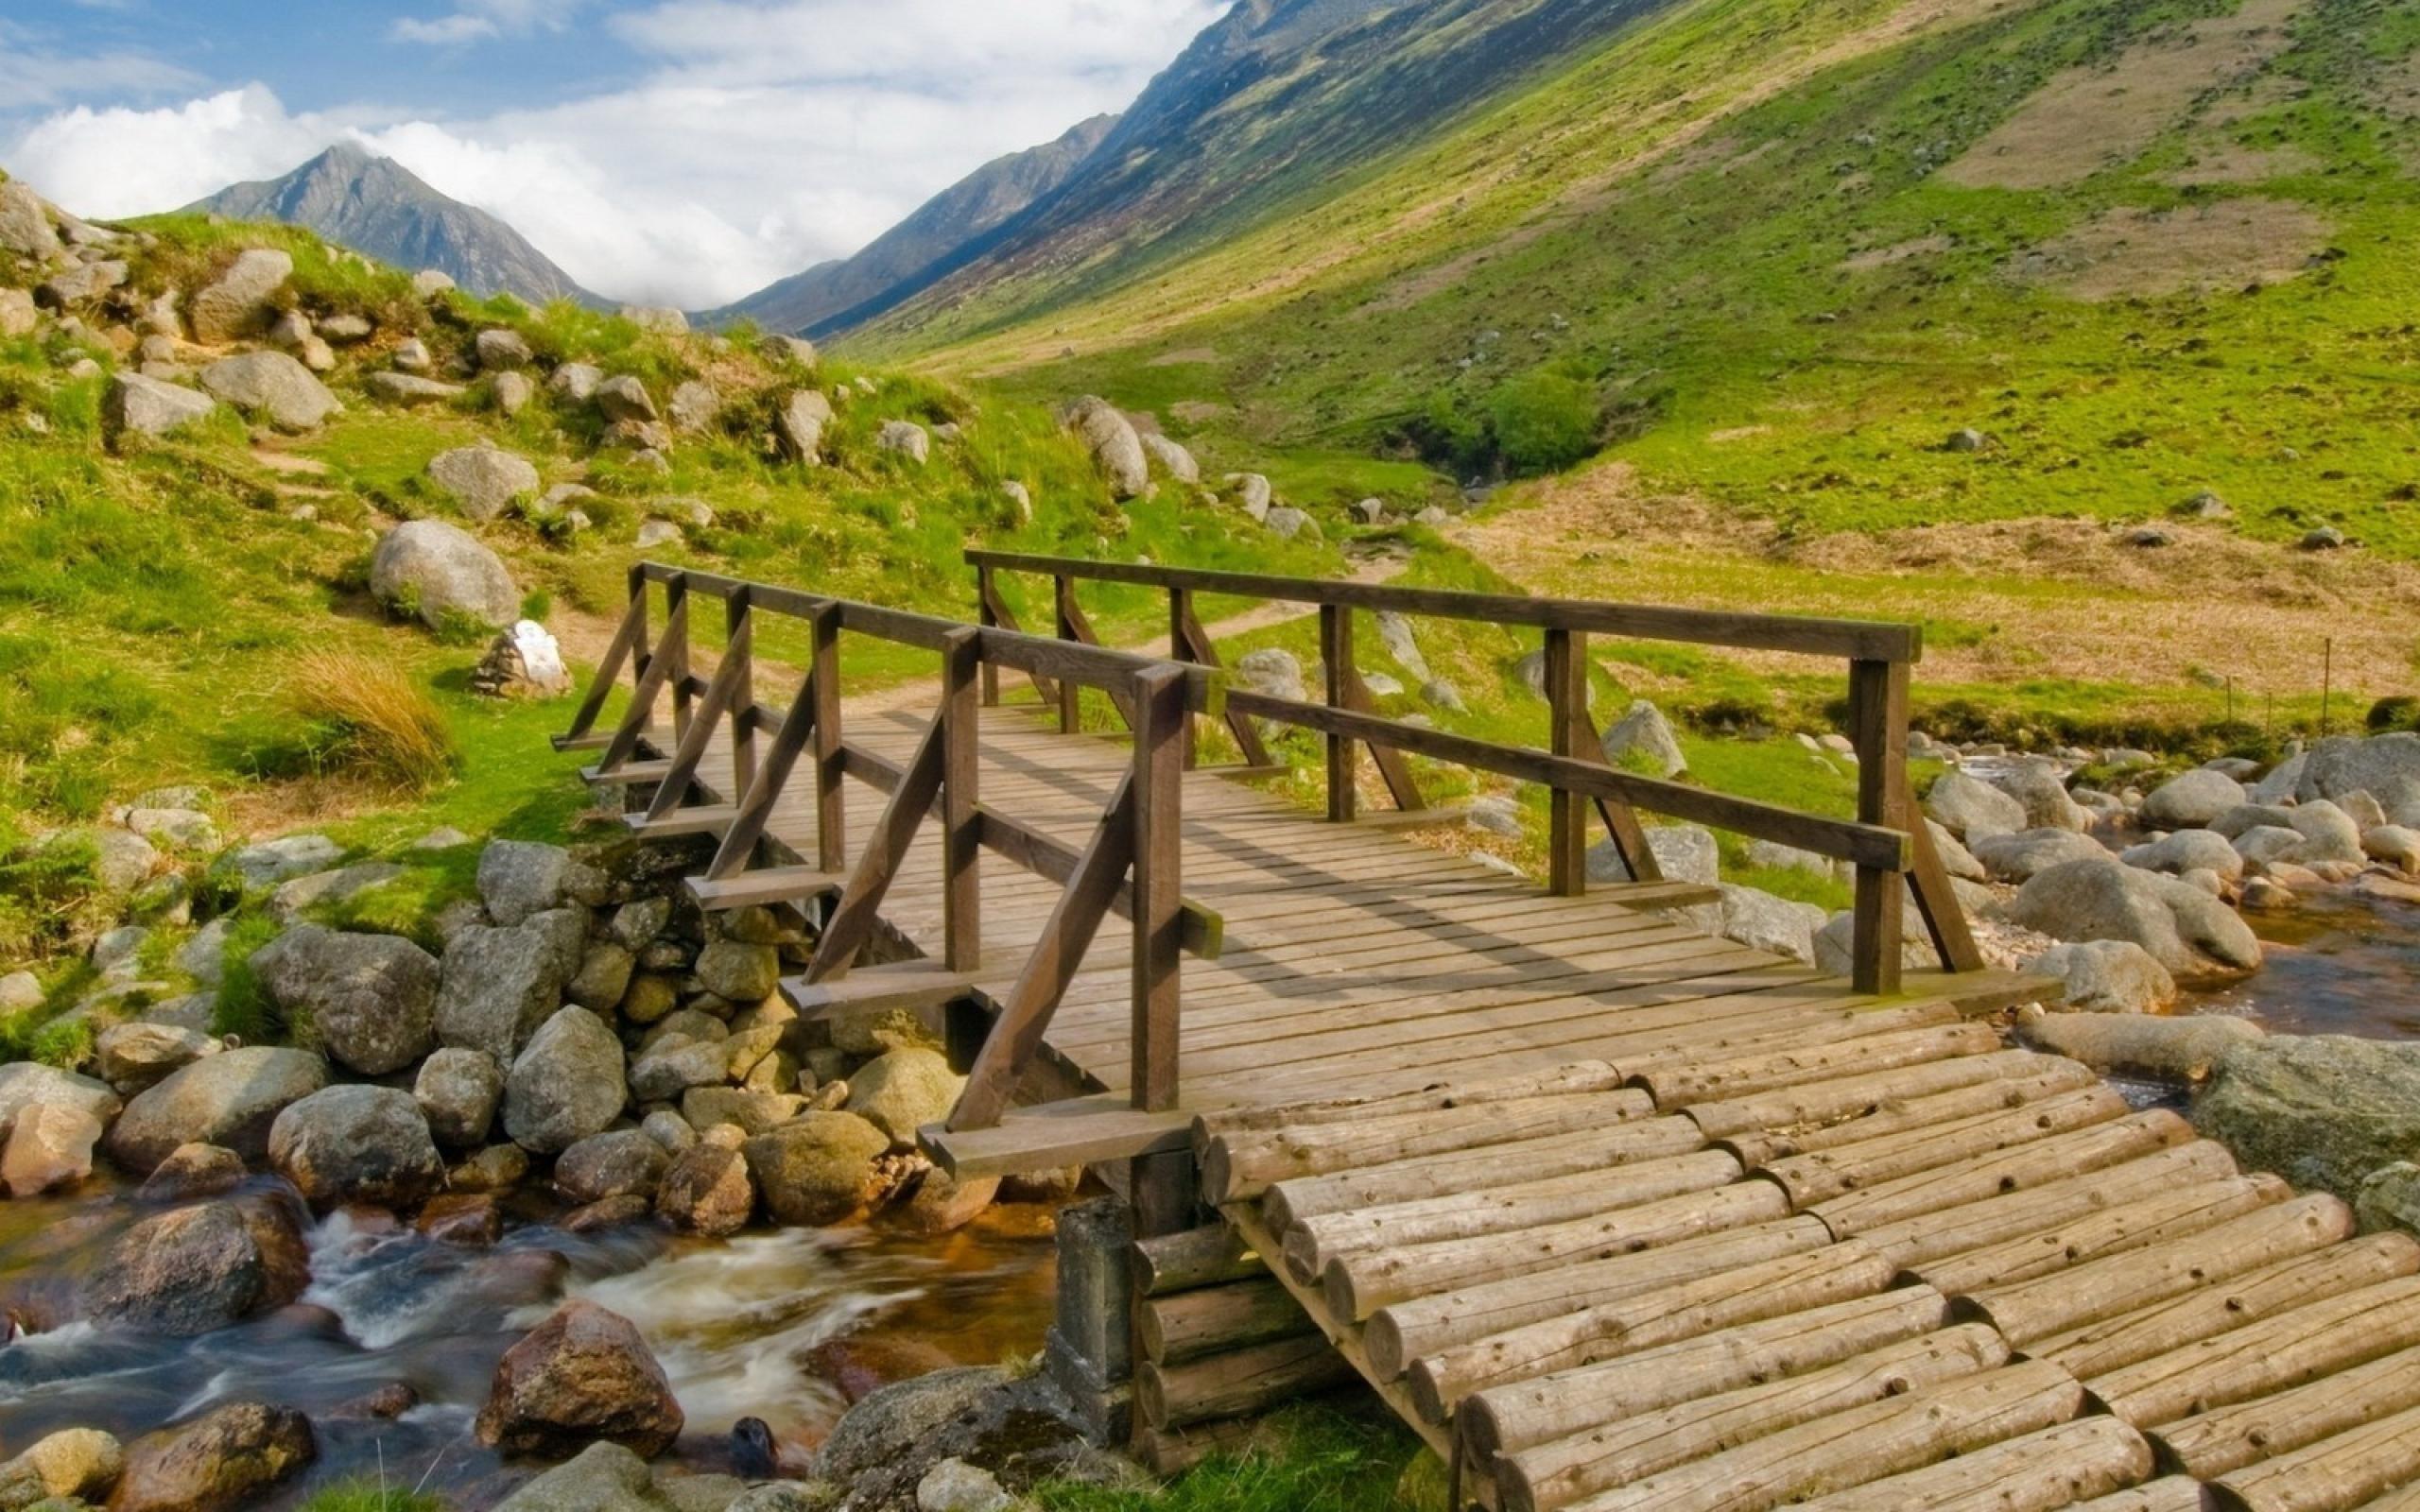 Картинки природы с мостиком высоком разрешении